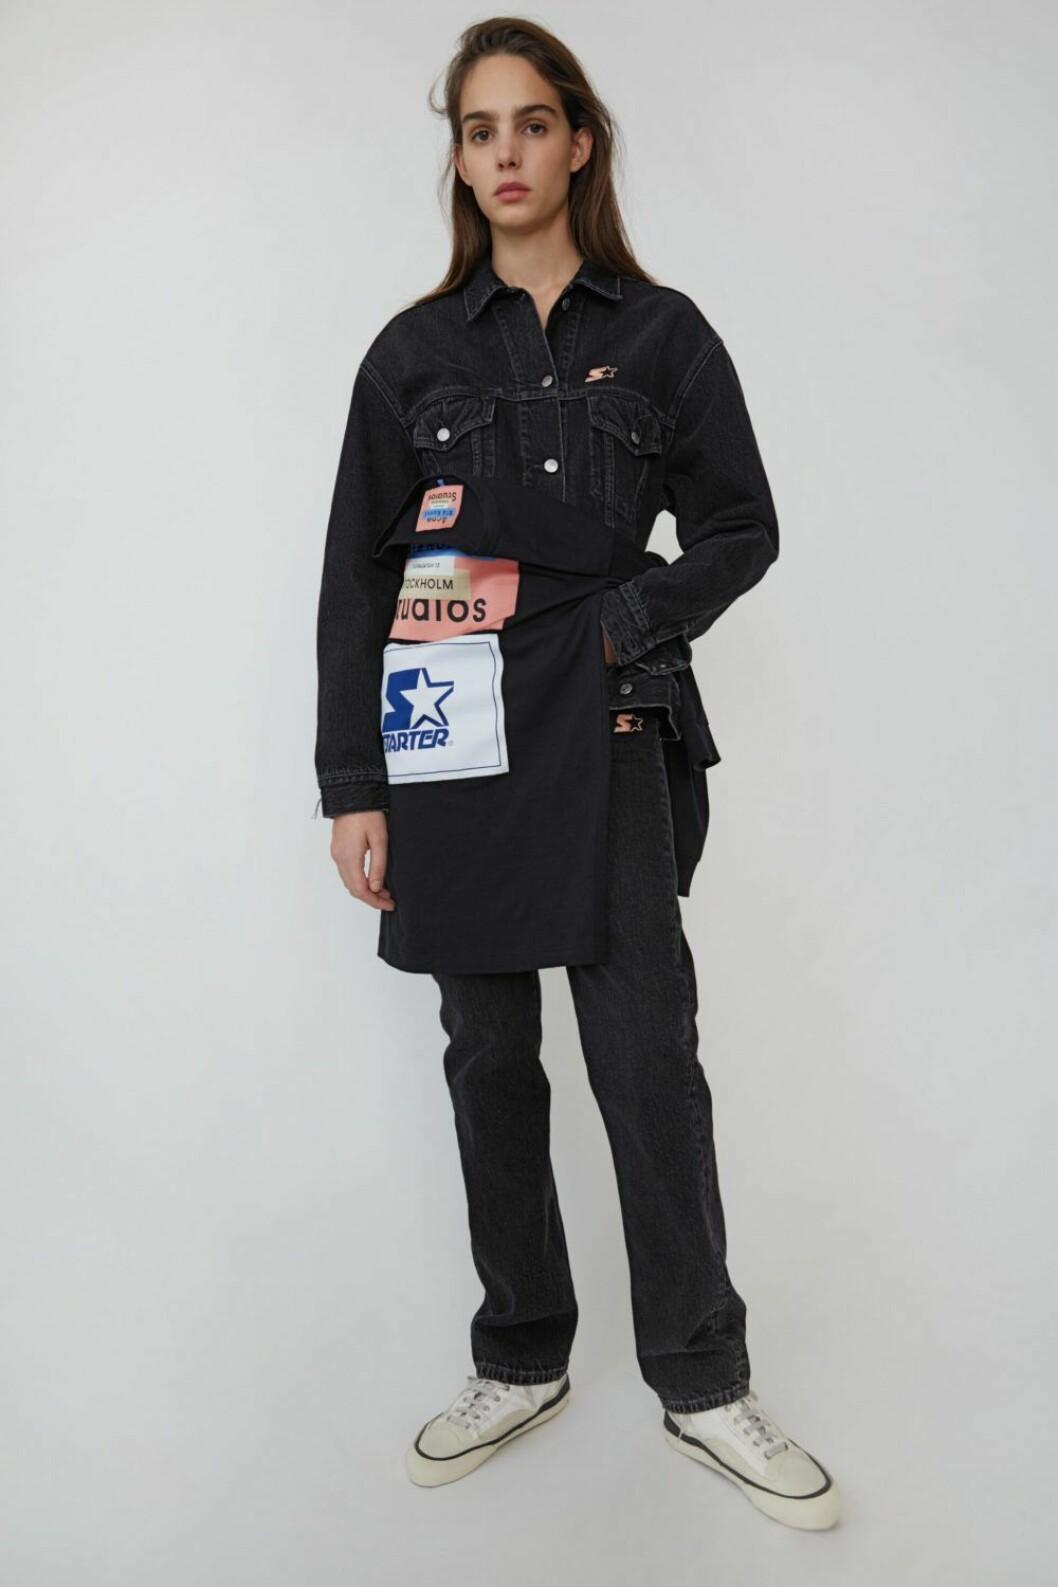 Jeansjacka i mörk tvätt från Acne Studios x Starter.